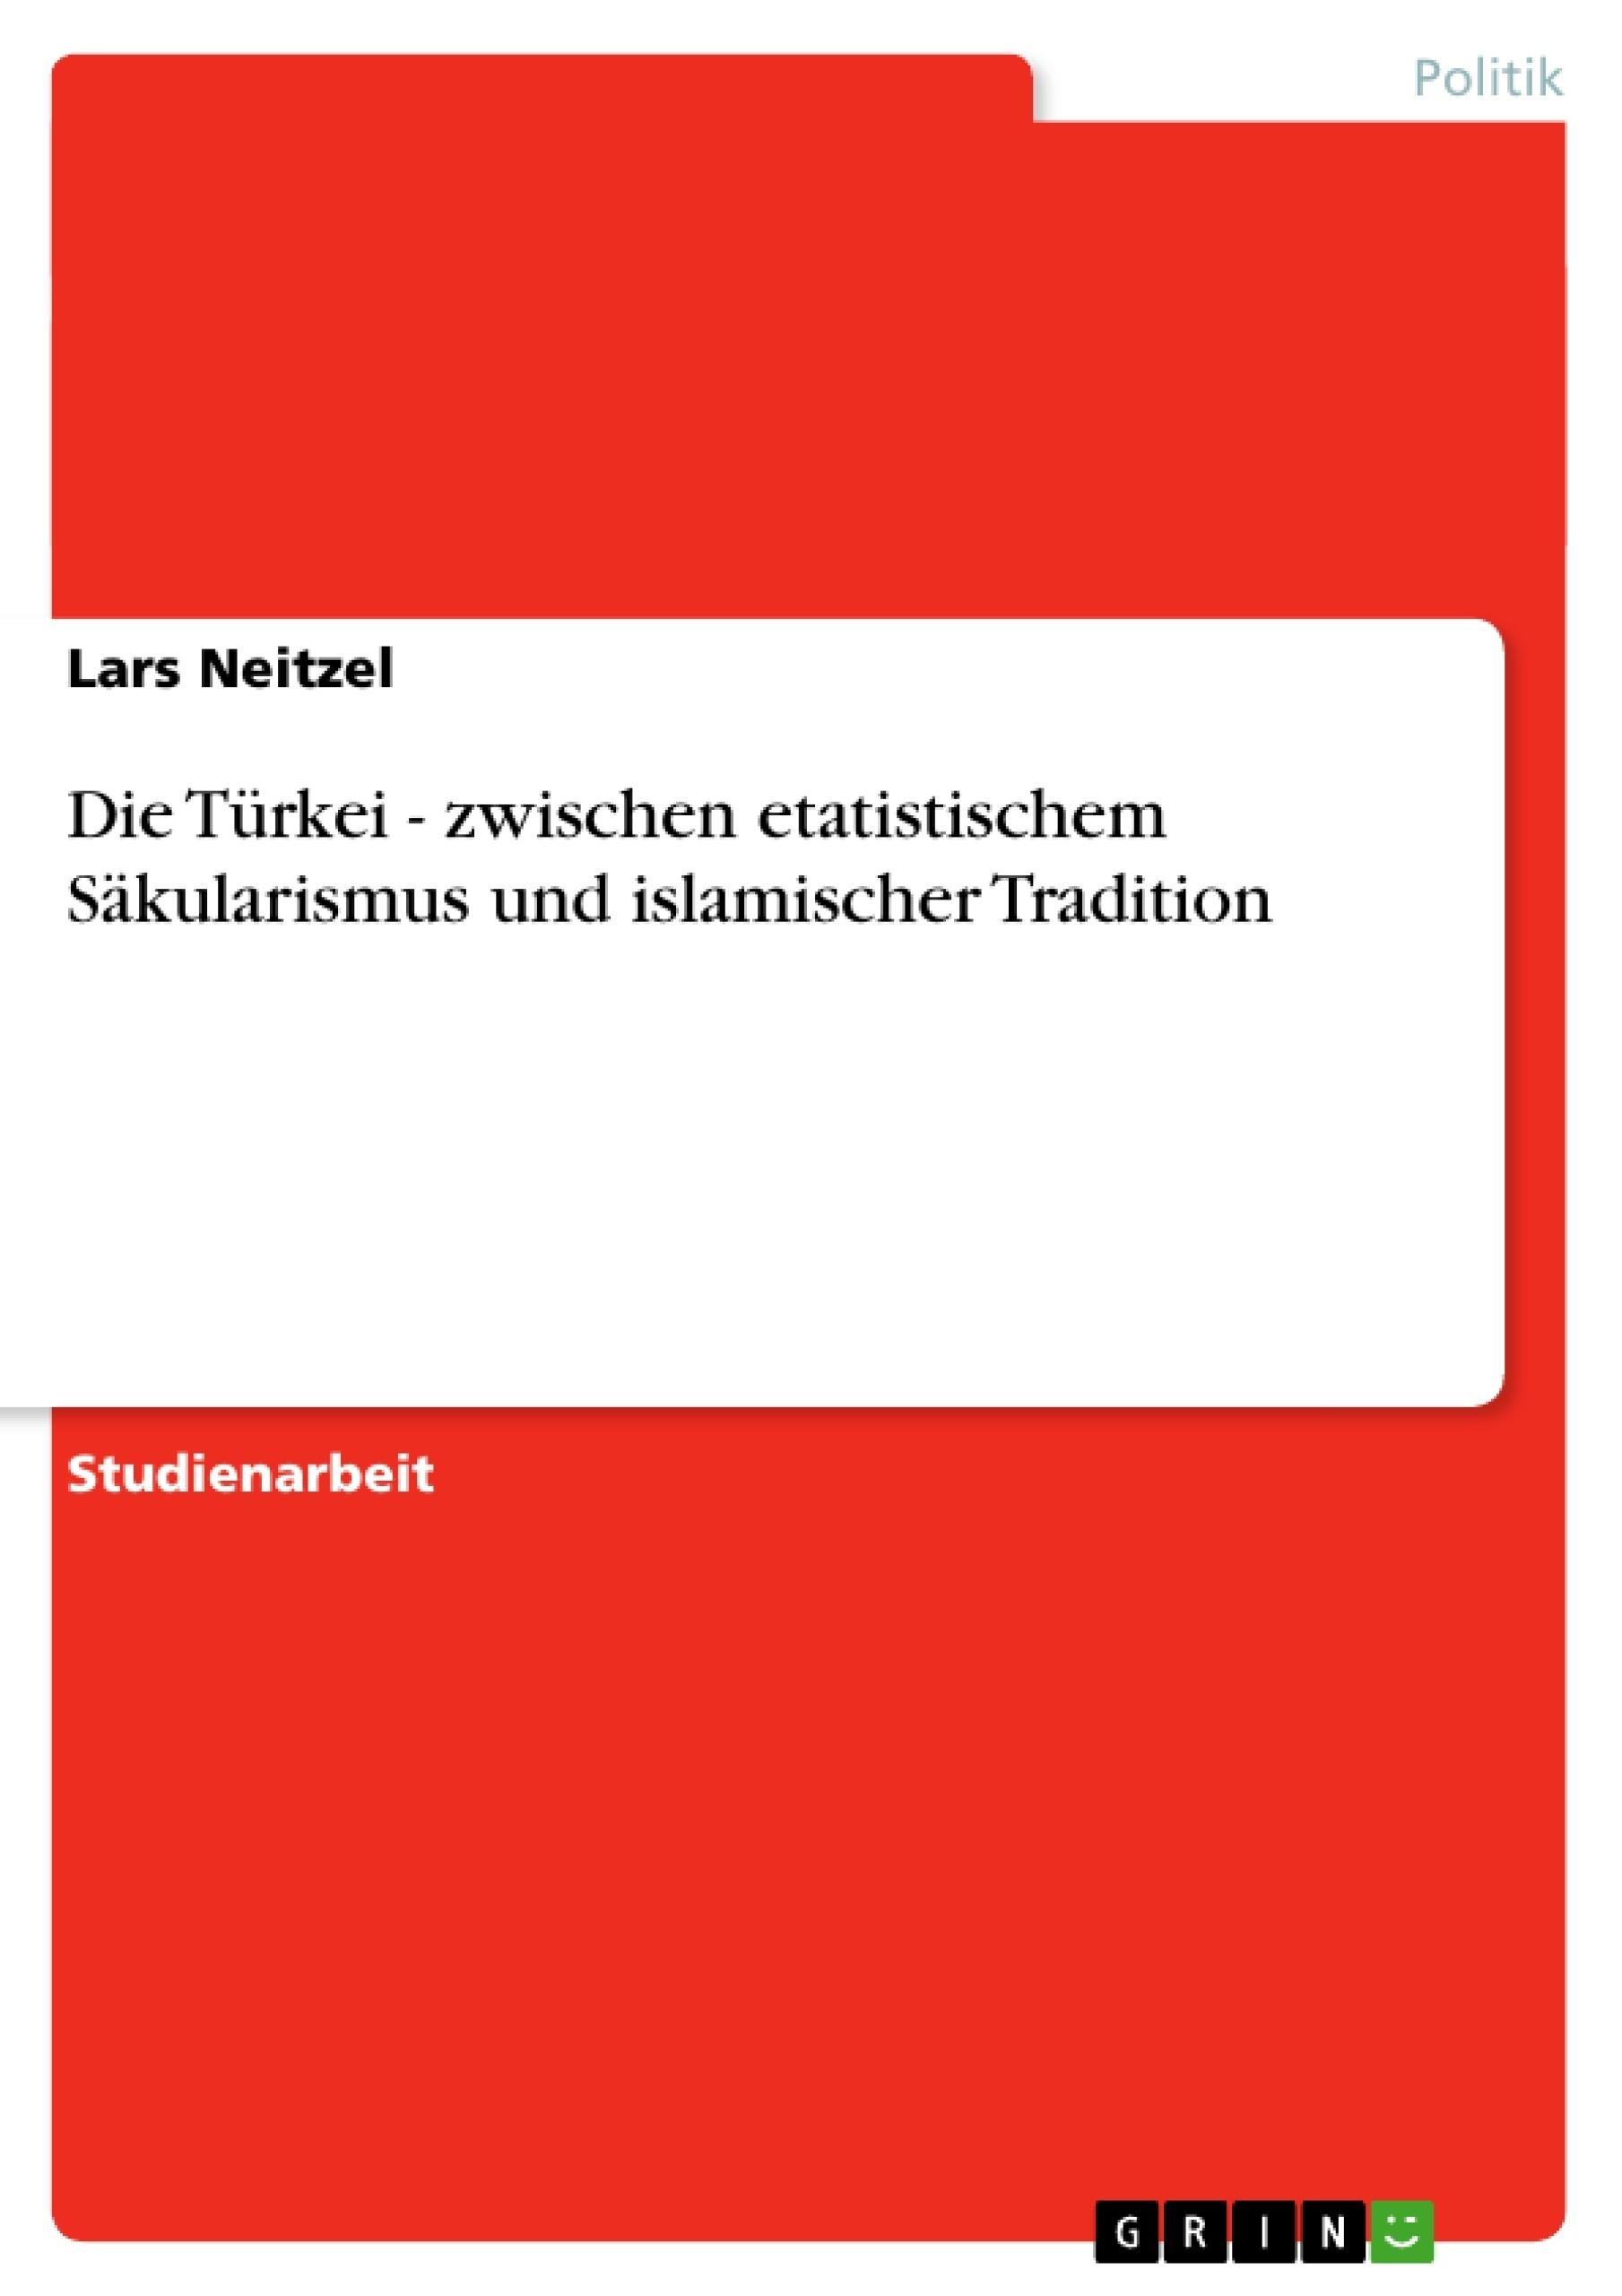 Titel: Die Türkei - zwischen etatistischem Säkularismus und islamischer Tradition